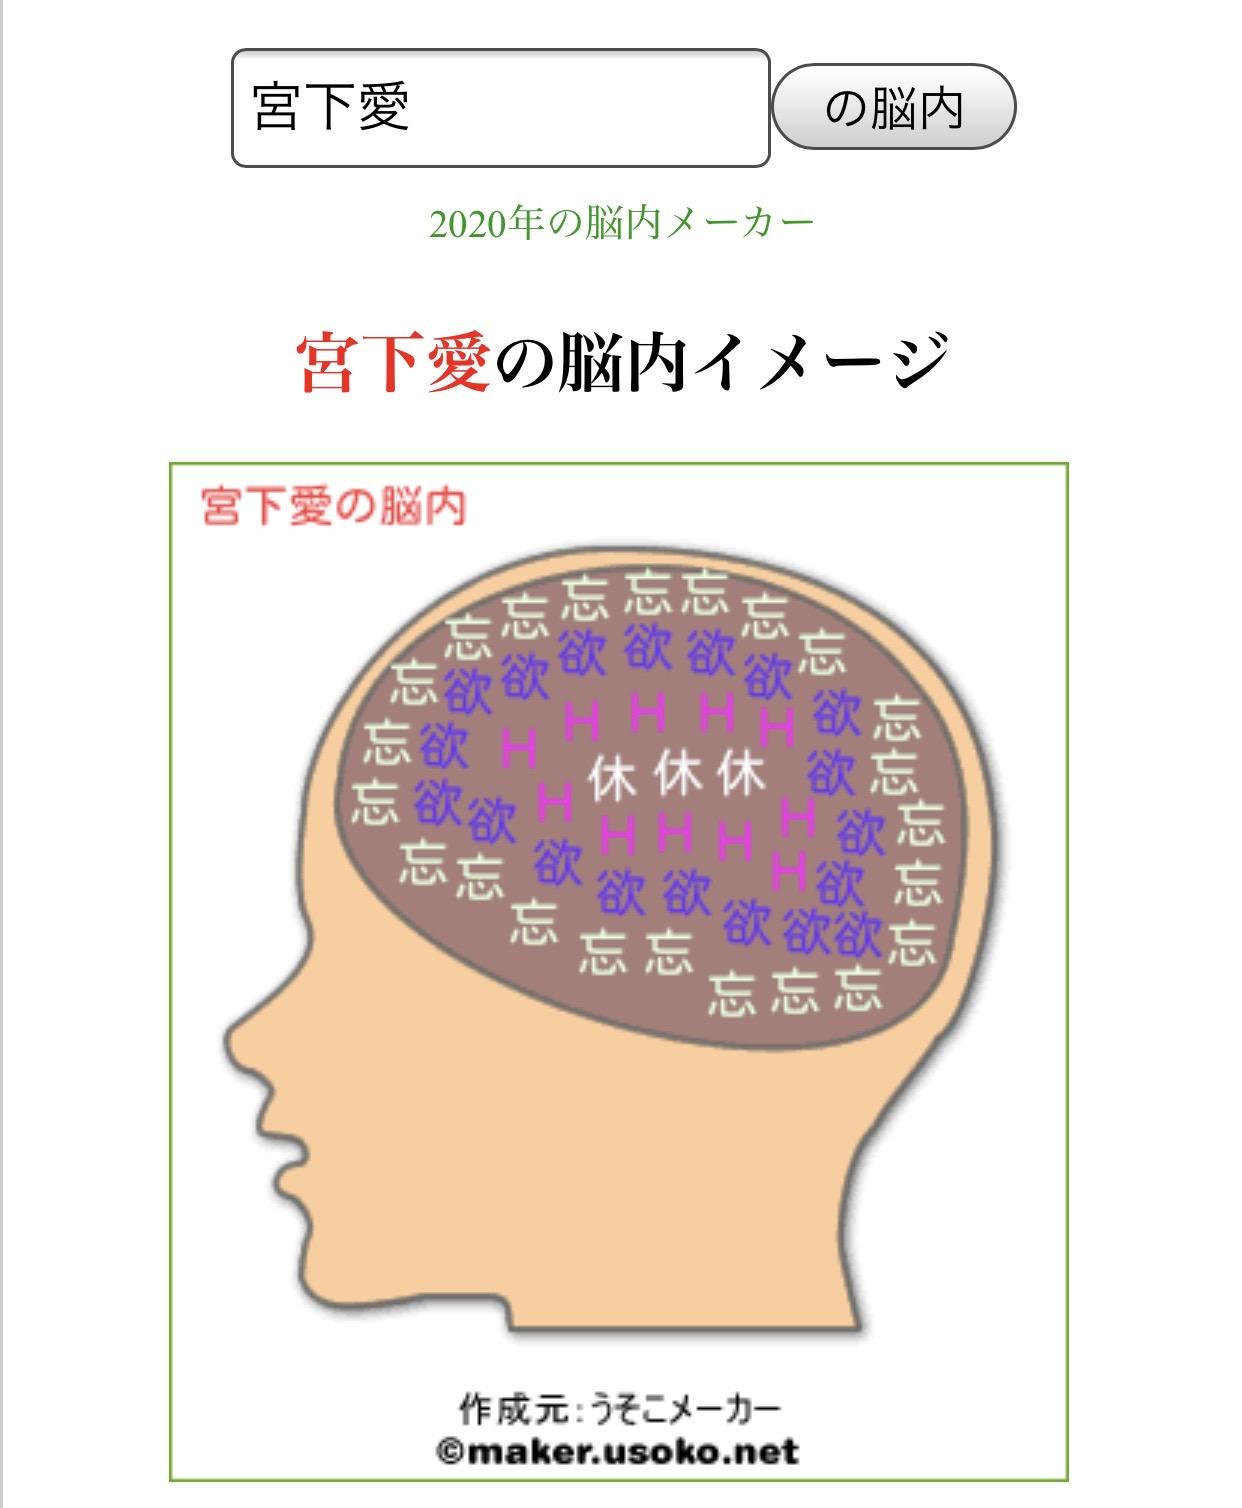 内 メーカー 2020 脳